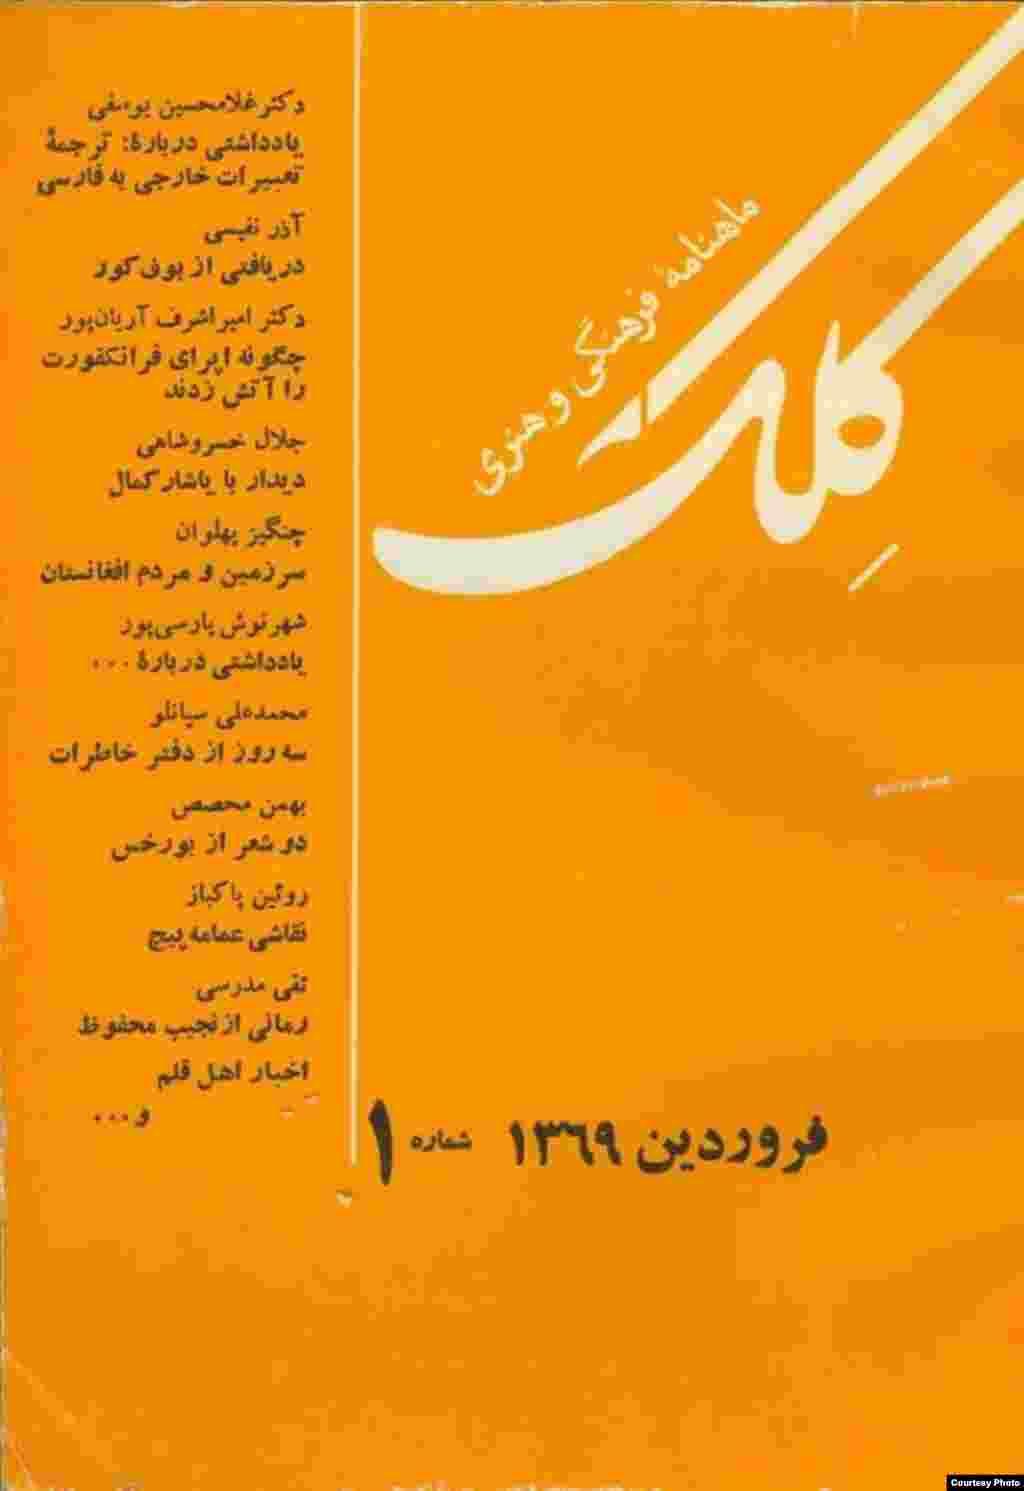 کسری حاج سید جوادیمجلهٔ فرهنگی و هنری کلک را در سال ۱۳۶۹ پایهگذاری کرد که بهصورت ماهنامه در تهران منتشر میشد و تأثیر بهسزایی بر ادبیات ایران و کشورهای پارسیزبان گذاشت.